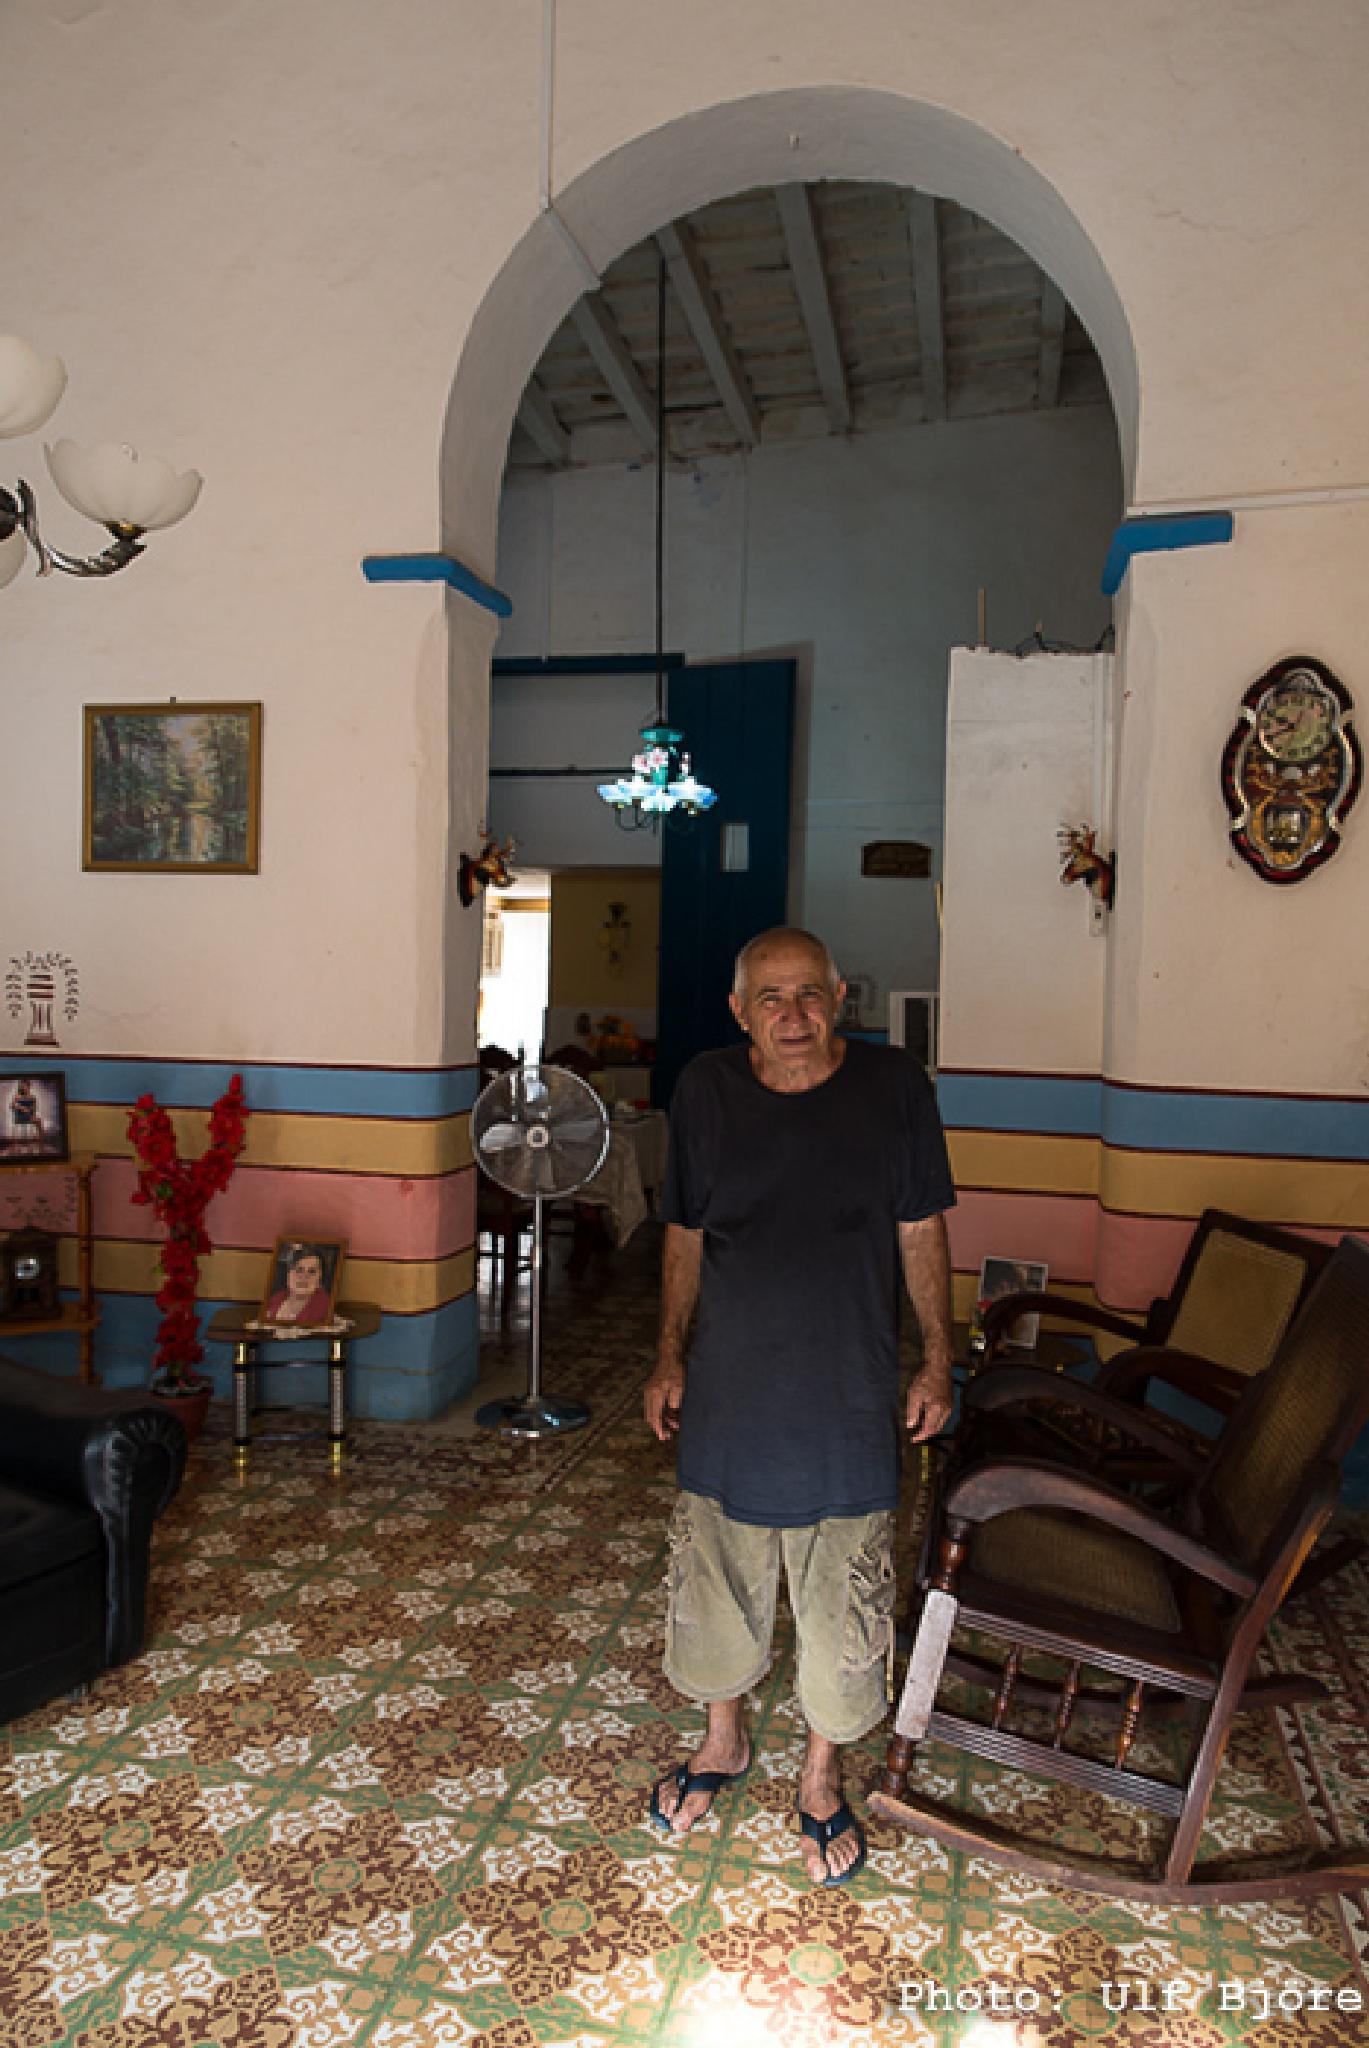 Trinidad, Cuba, 2013 by Ulf Björe